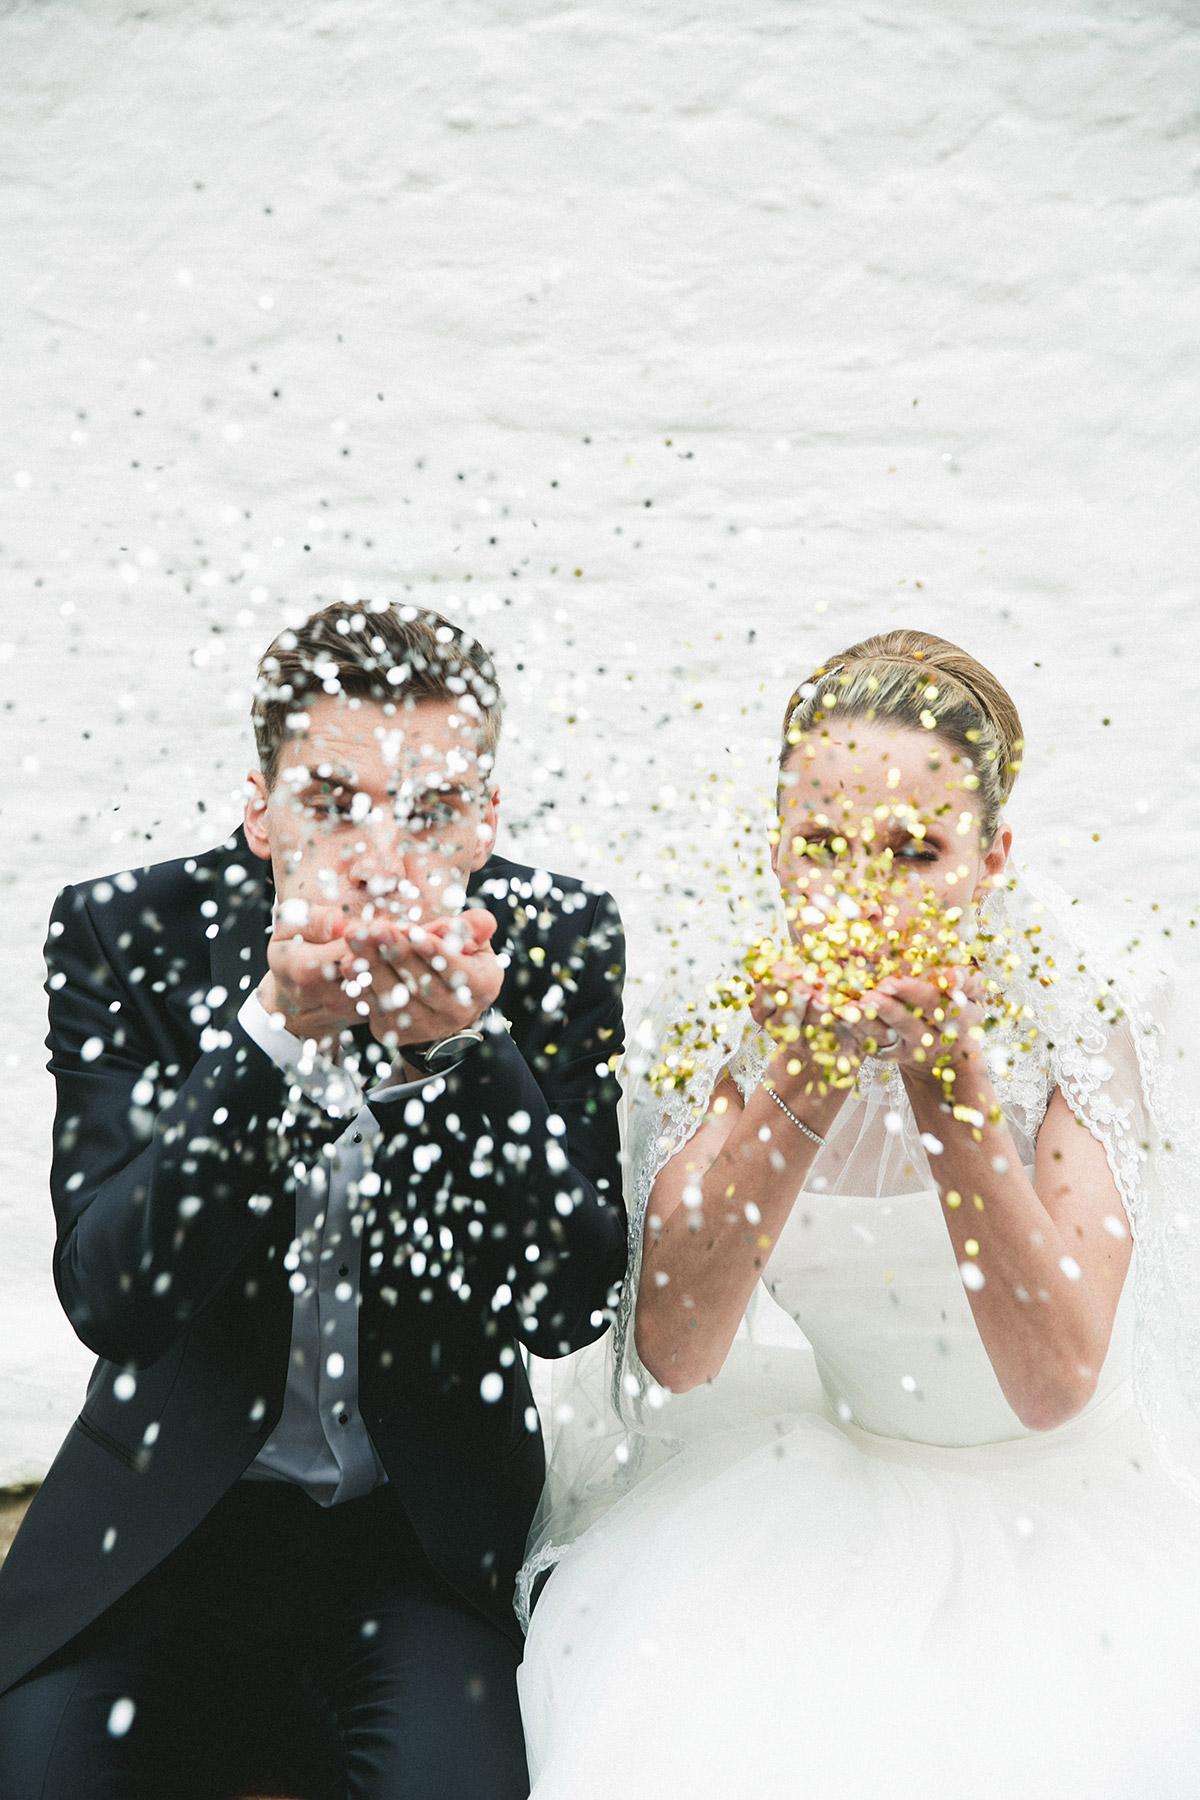 Idee Hochzeitsfotografie Brautpaar mit Konfetti - Schloss Diedersdorf Hochzeitsfotograf © www.hochzeitslicht.de